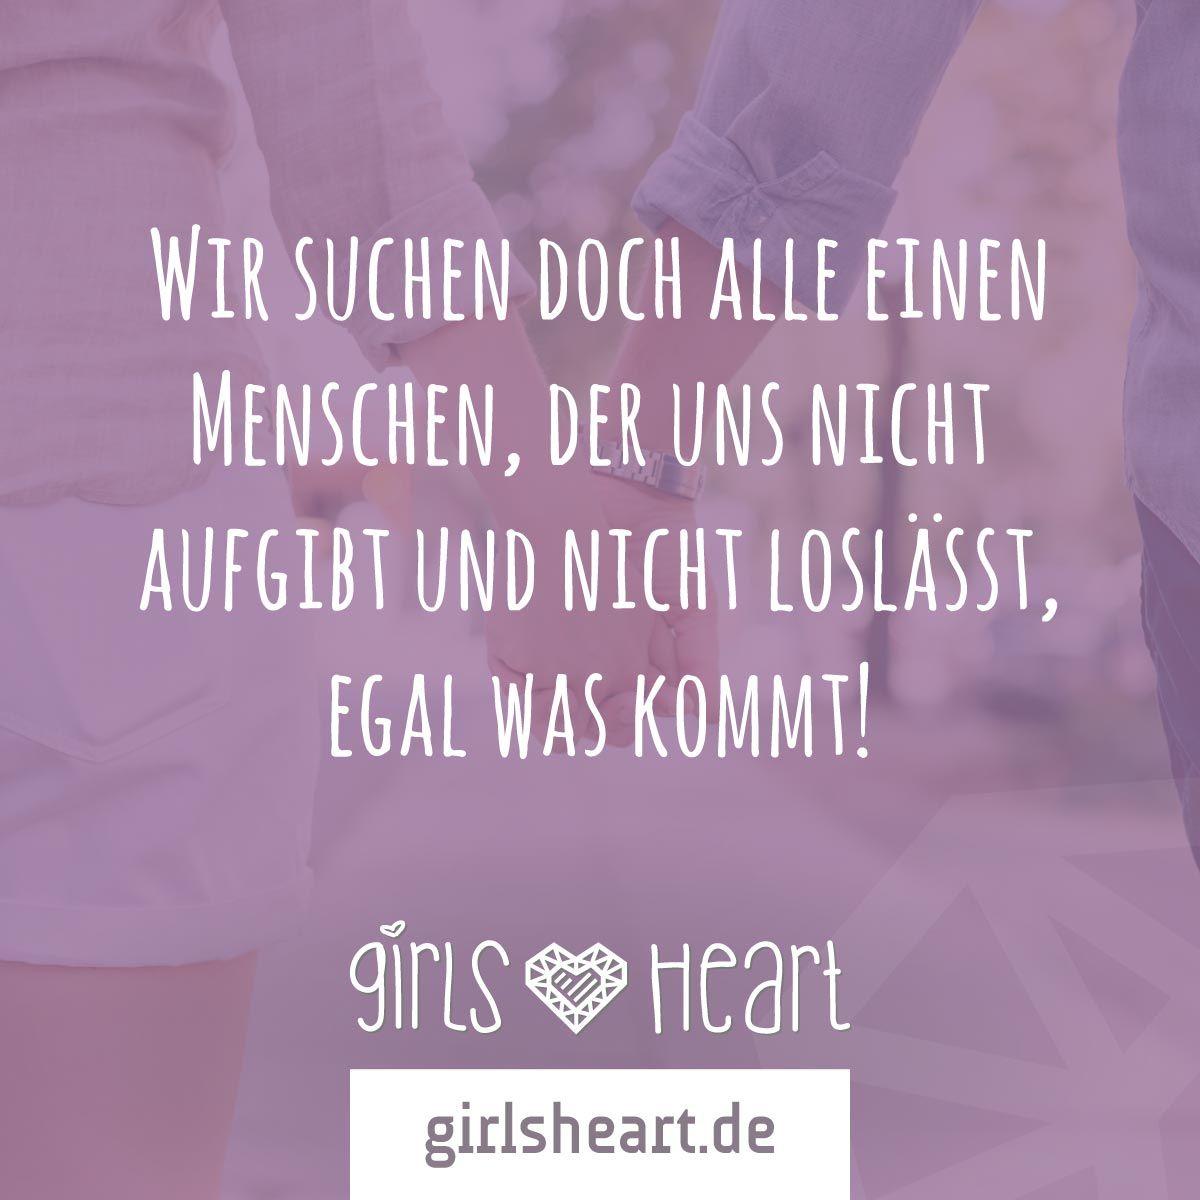 mehr sprüche auf: www.girlsheart.de #männer #gefühlvoll #gefühl